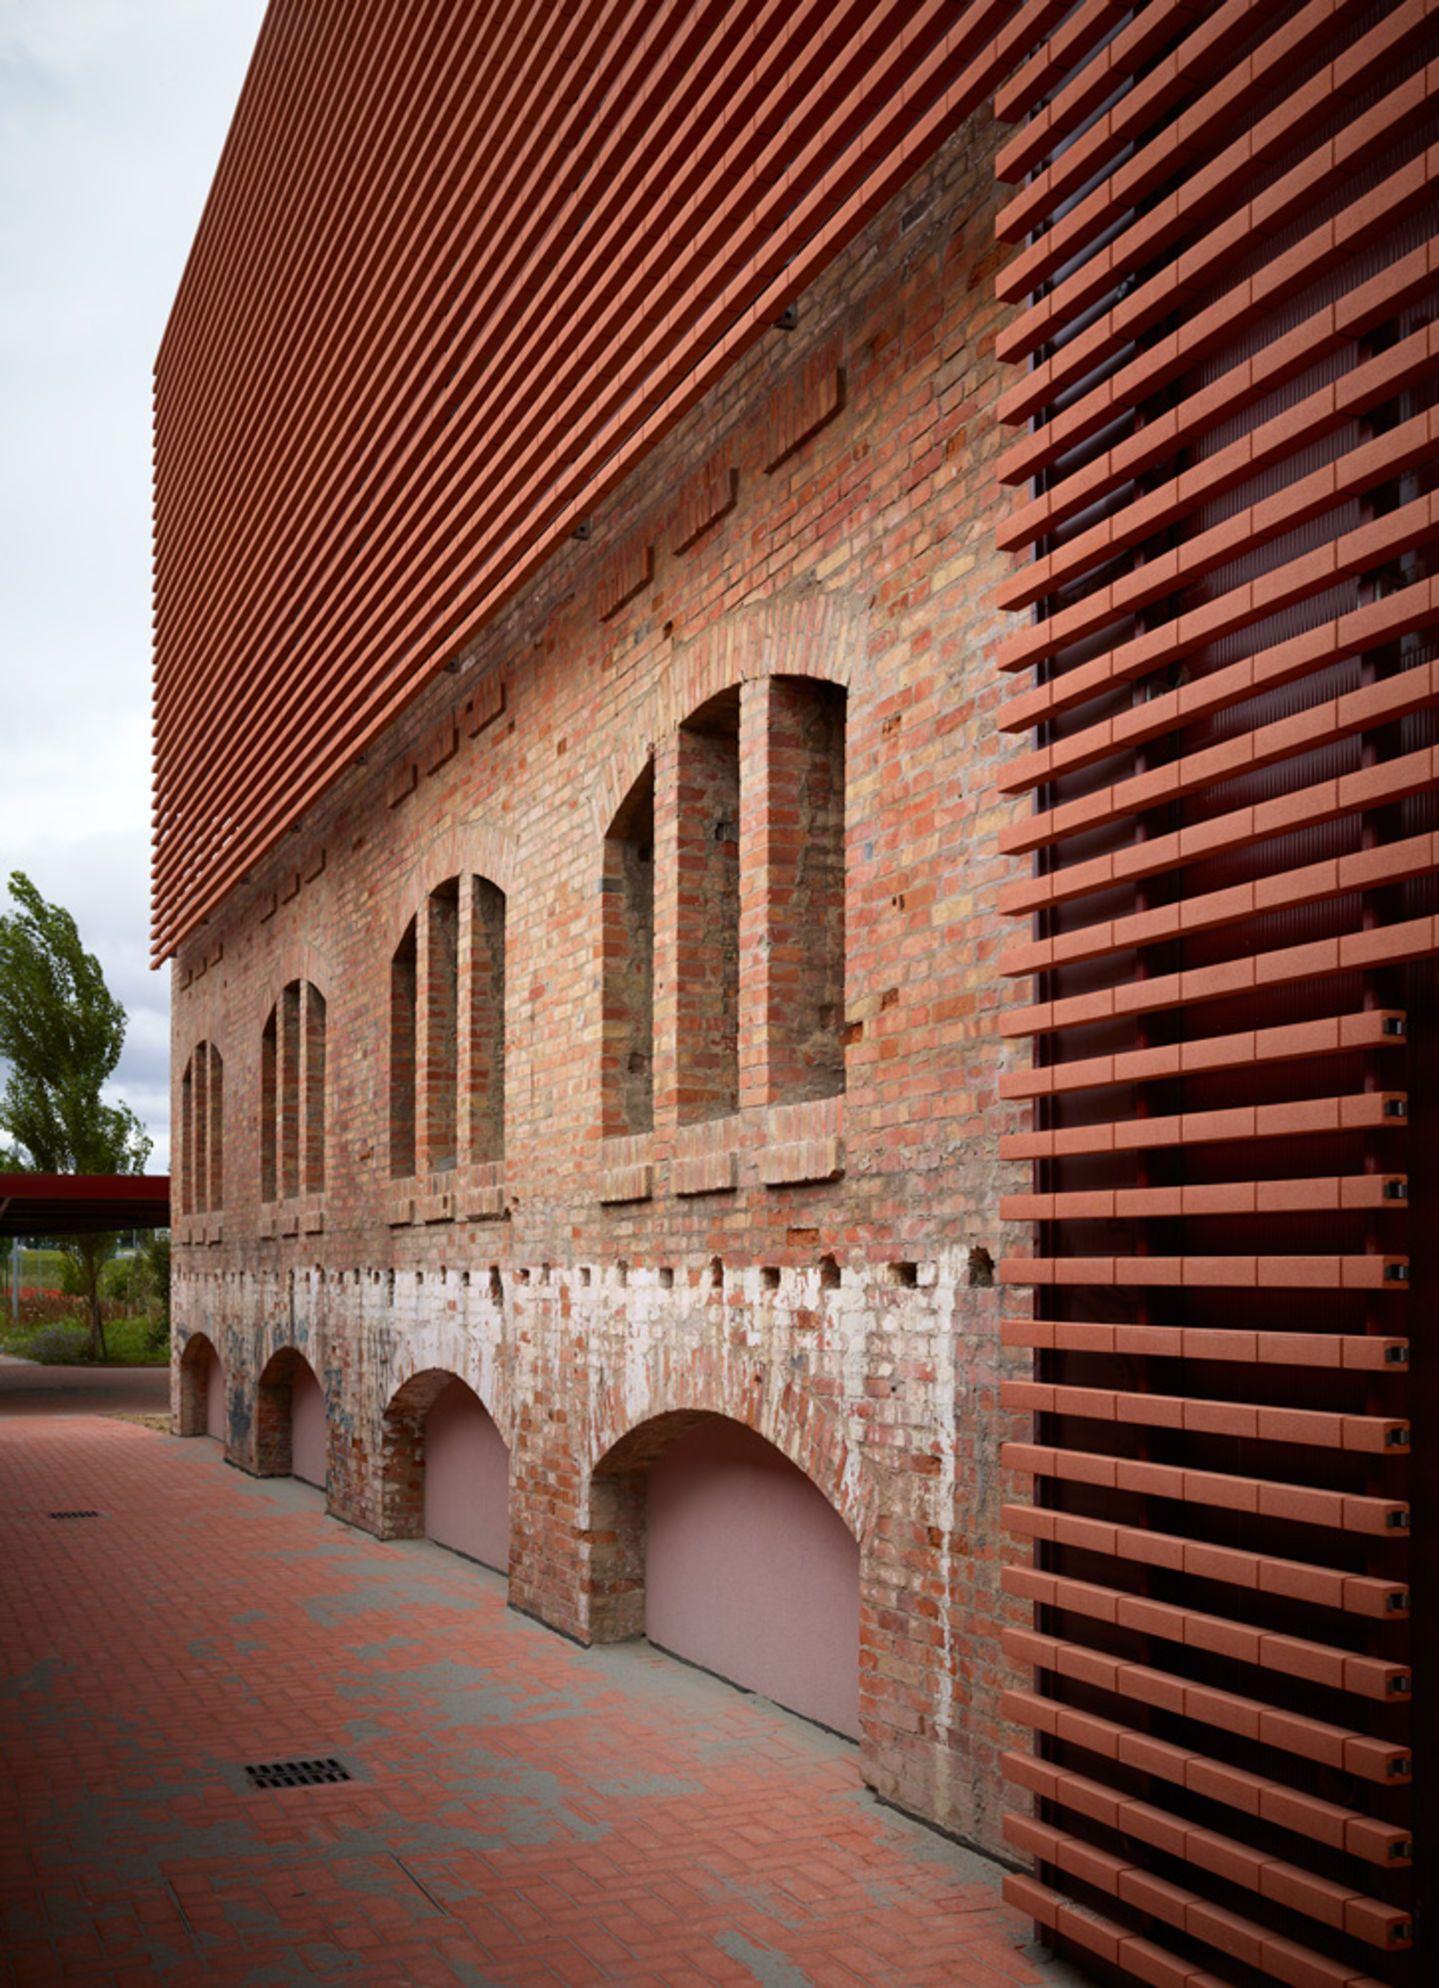 Rehabilitaci³n del Castillo de Baena C³rdoba